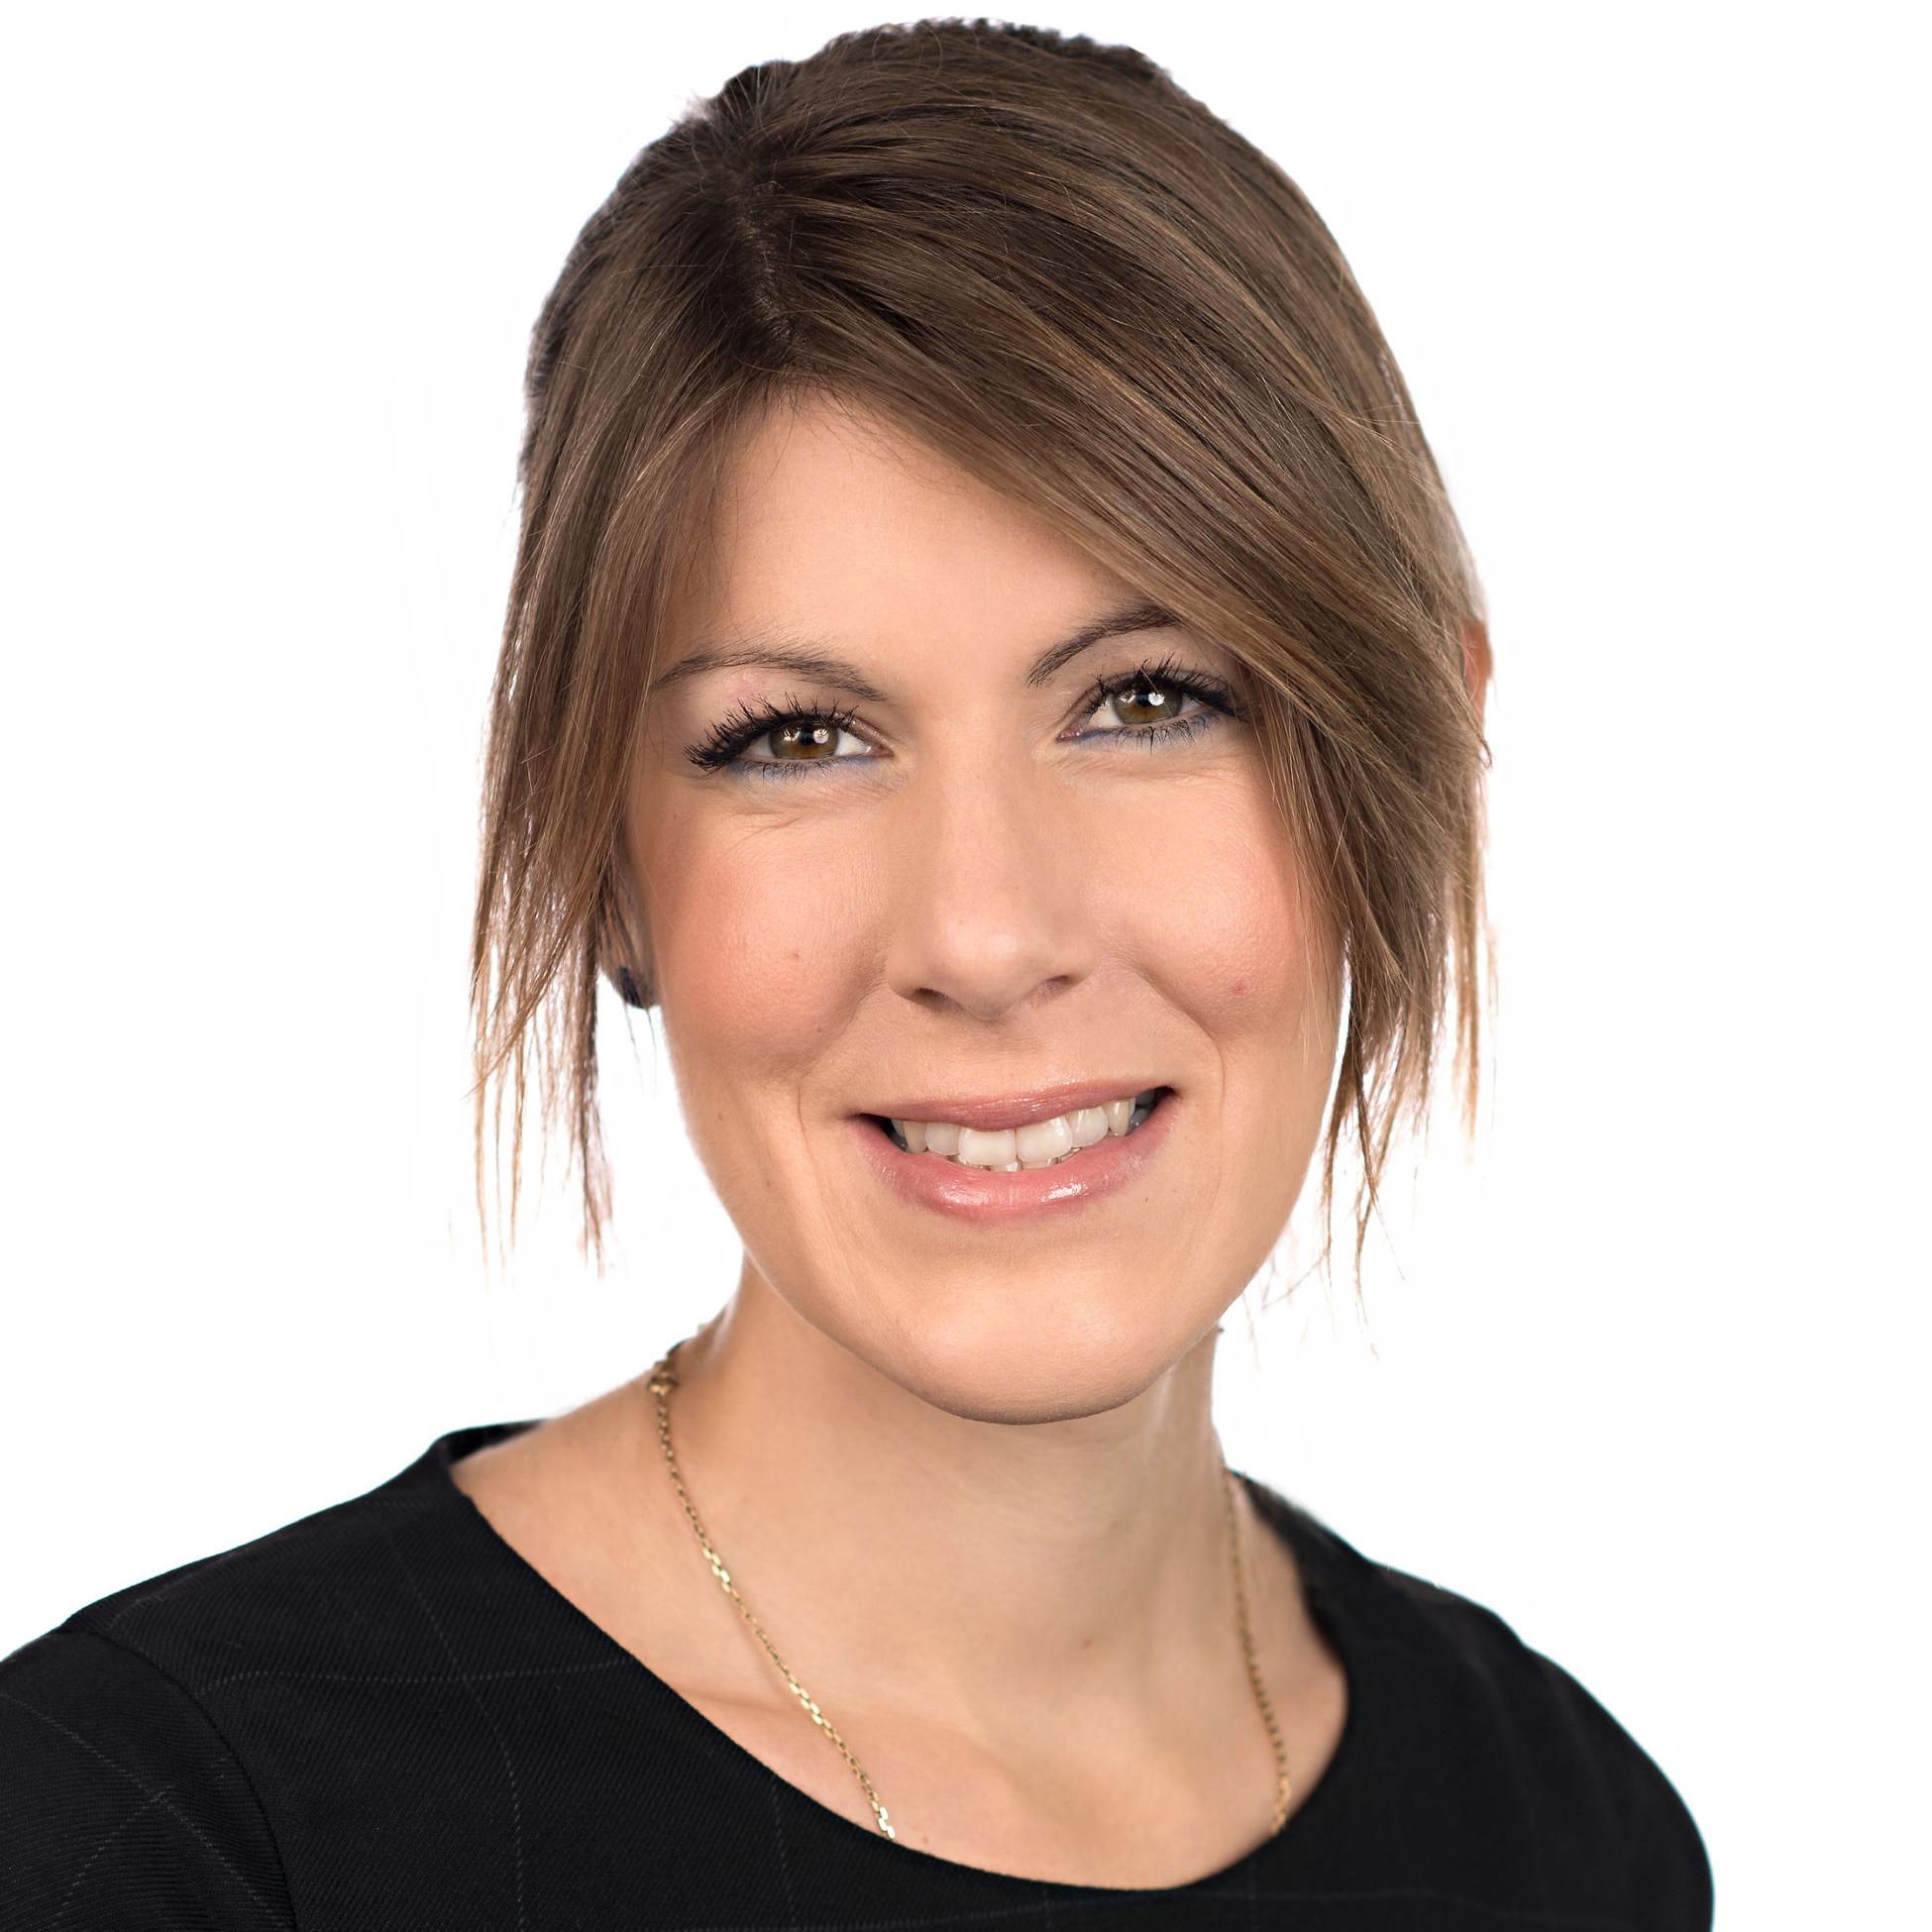 Sarah Nollau